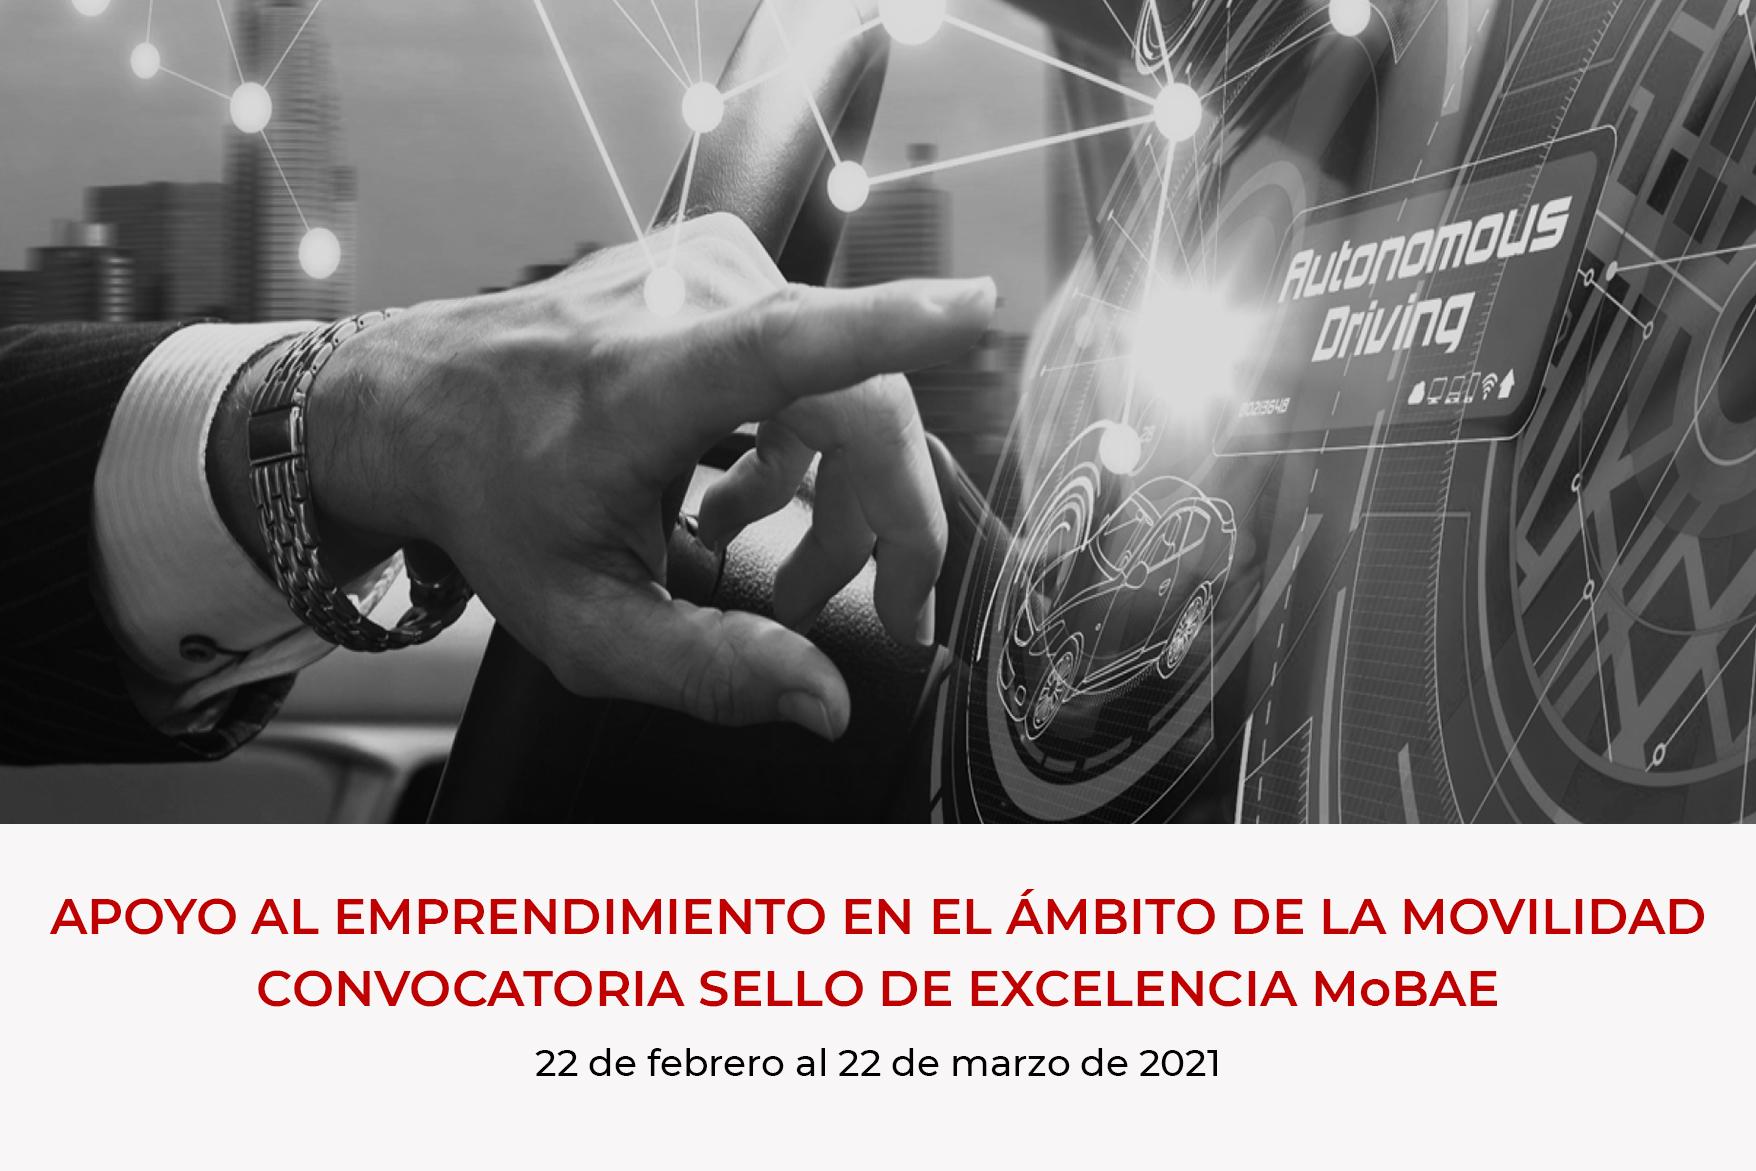 mobae_convocatoria_emprendimiento_movilidad_esp